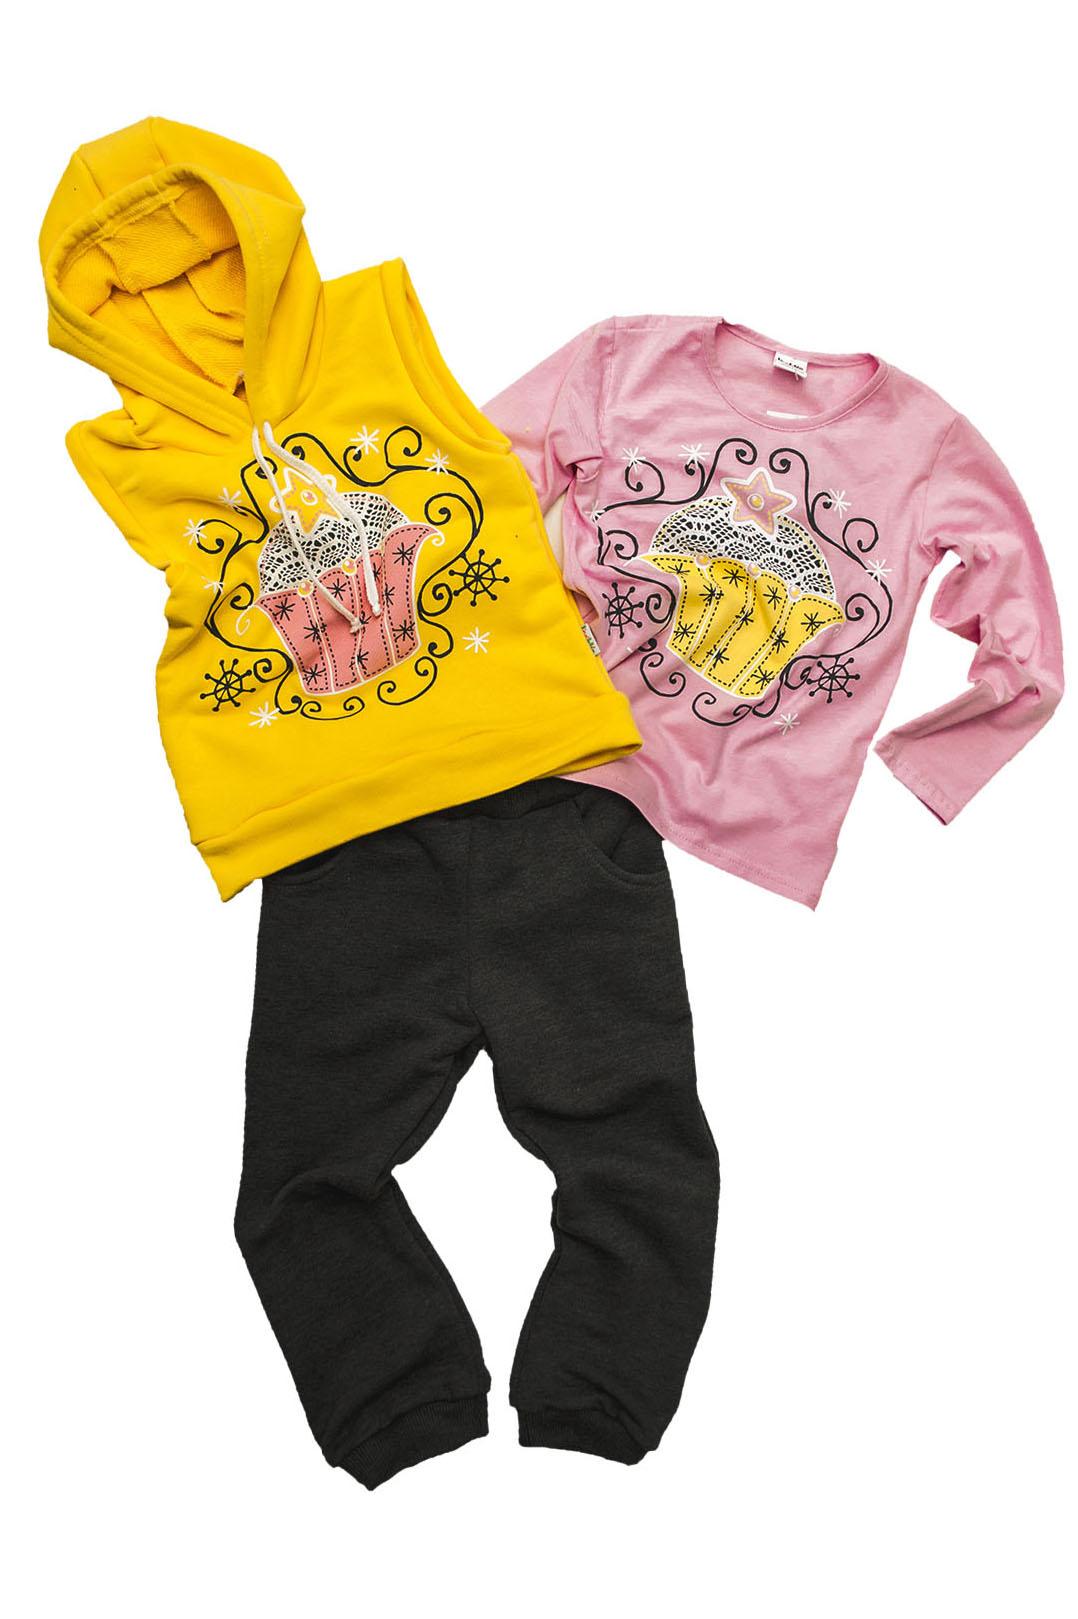 КостюмКостюмы<br>Трикотажный костюм для девочки.  В изделии использованы цвета: серый, желтый, розовый и др.  Размер 74 соответствует росту 70-73 см Размер 80 соответствует росту 74-80 см Размер 86 соответствует росту 81-86 см Размер 92 соответствует росту 87-92 см Размер 98 соответствует росту 93-98 см Размер 104 соответствует росту 98-104 см Размер 110 соответствует росту 105-110 см Размер 116 соответствует росту 111-116 см Размер 122 соответствует росту 117-122 см Размер 128 соответствует росту 123-128 см Размер 134 соответствует росту 129-134 см Размер 140 соответствует росту 135-140 см Размер 146 соответствует росту 141-146 см Размер 152 соответствует росту 147-152 см Размер 158 соответствует росту 153-158 см Размер 164 соответствует росту 159-164 см Размер 170 соответствует росту 165-170 см Размер 176 соответствует росту 171-176 см Размер 182 соответствует росту 177-182 см<br><br>Горловина: Капюшон,С- горловина<br>По возрасту: Дошкольные ( от 3 до 7 лет),Ясельные ( от 1 до 3 лет)<br>По материалу: Трикотажные<br>По образу: Повседневные<br>По рисунку: С принтом (печатью),Цветные<br>По сезону: Всесезон,Зима,Осень,Весна<br>По силуэту: Полуприталенные<br>По стилю: Повседневные,Теплые<br>По элементам: С карманами<br>Рукав: Длинный рукав<br>Размер : 110,122,98<br>Материал: Трикотаж<br>Количество в наличии: 3